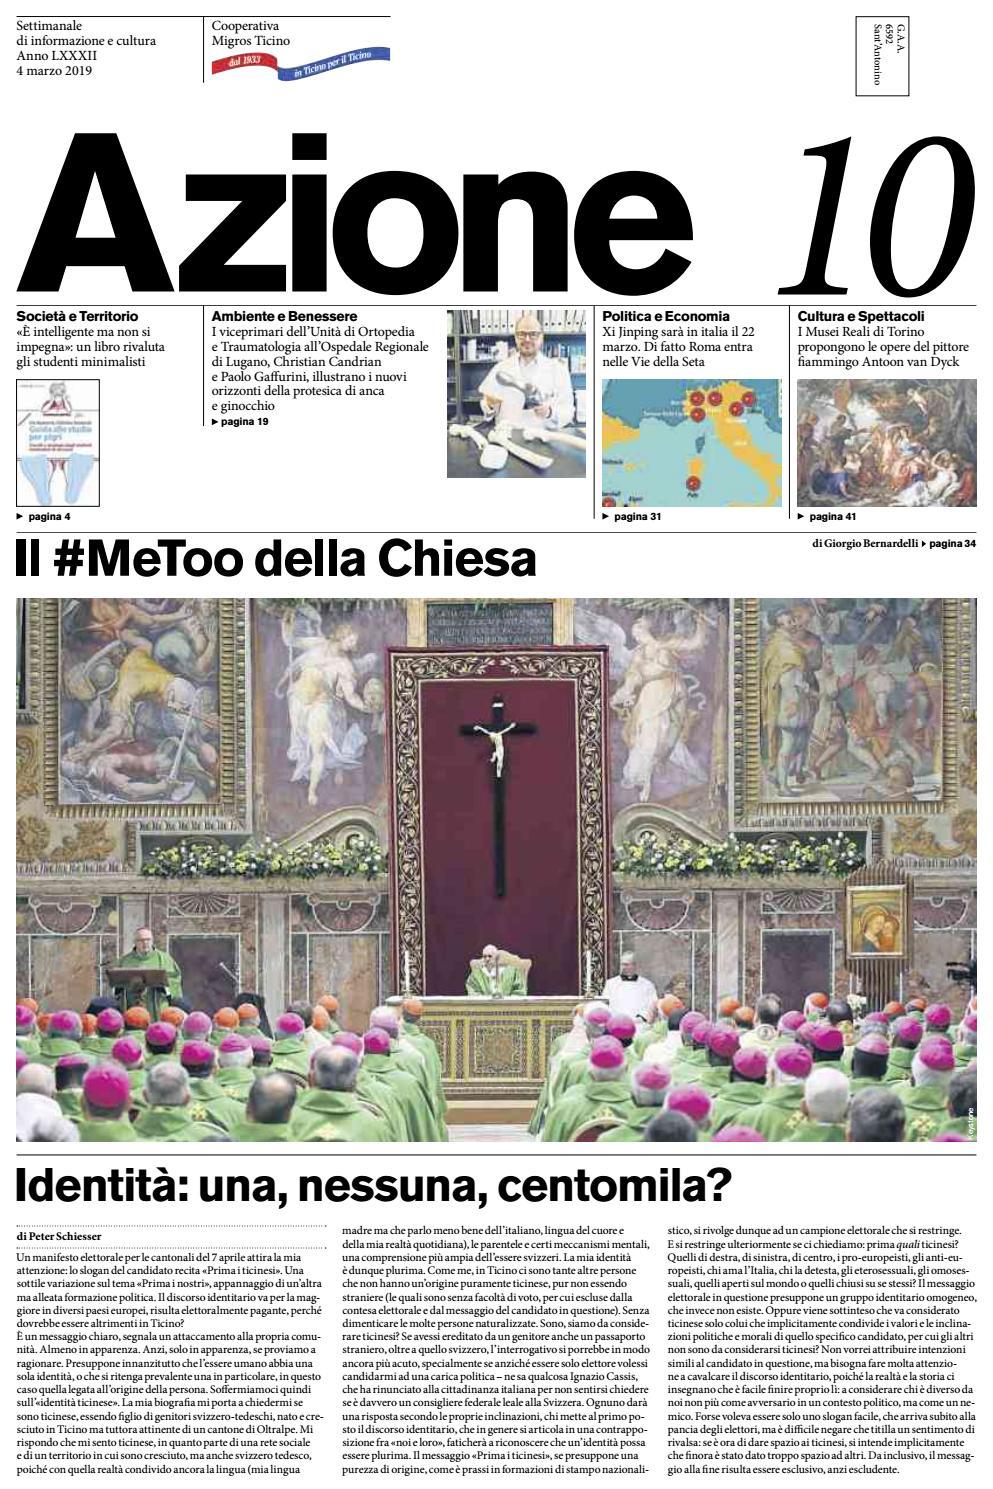 Settimanale 2019 4 Issuu Ticino Migros Marzo Di Azione By 10 Del Azione 1xf0O